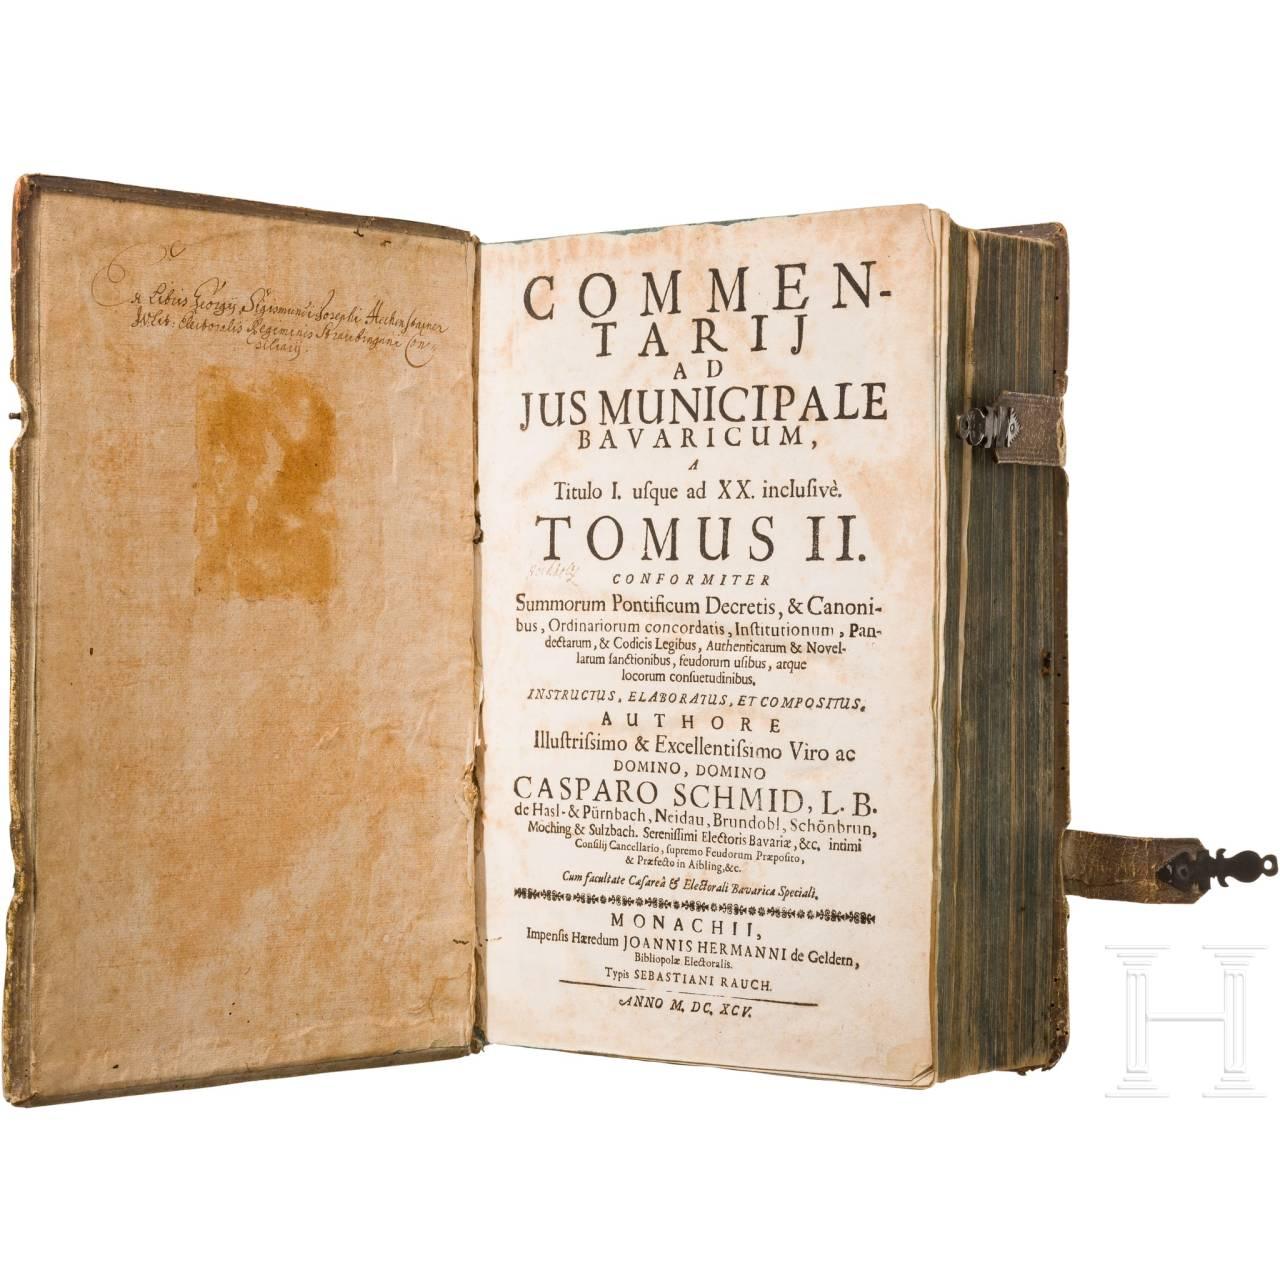 """Johannis Hermann, """"Commentarii ad Jus Municipale Bavaricum"""", München, 1645"""